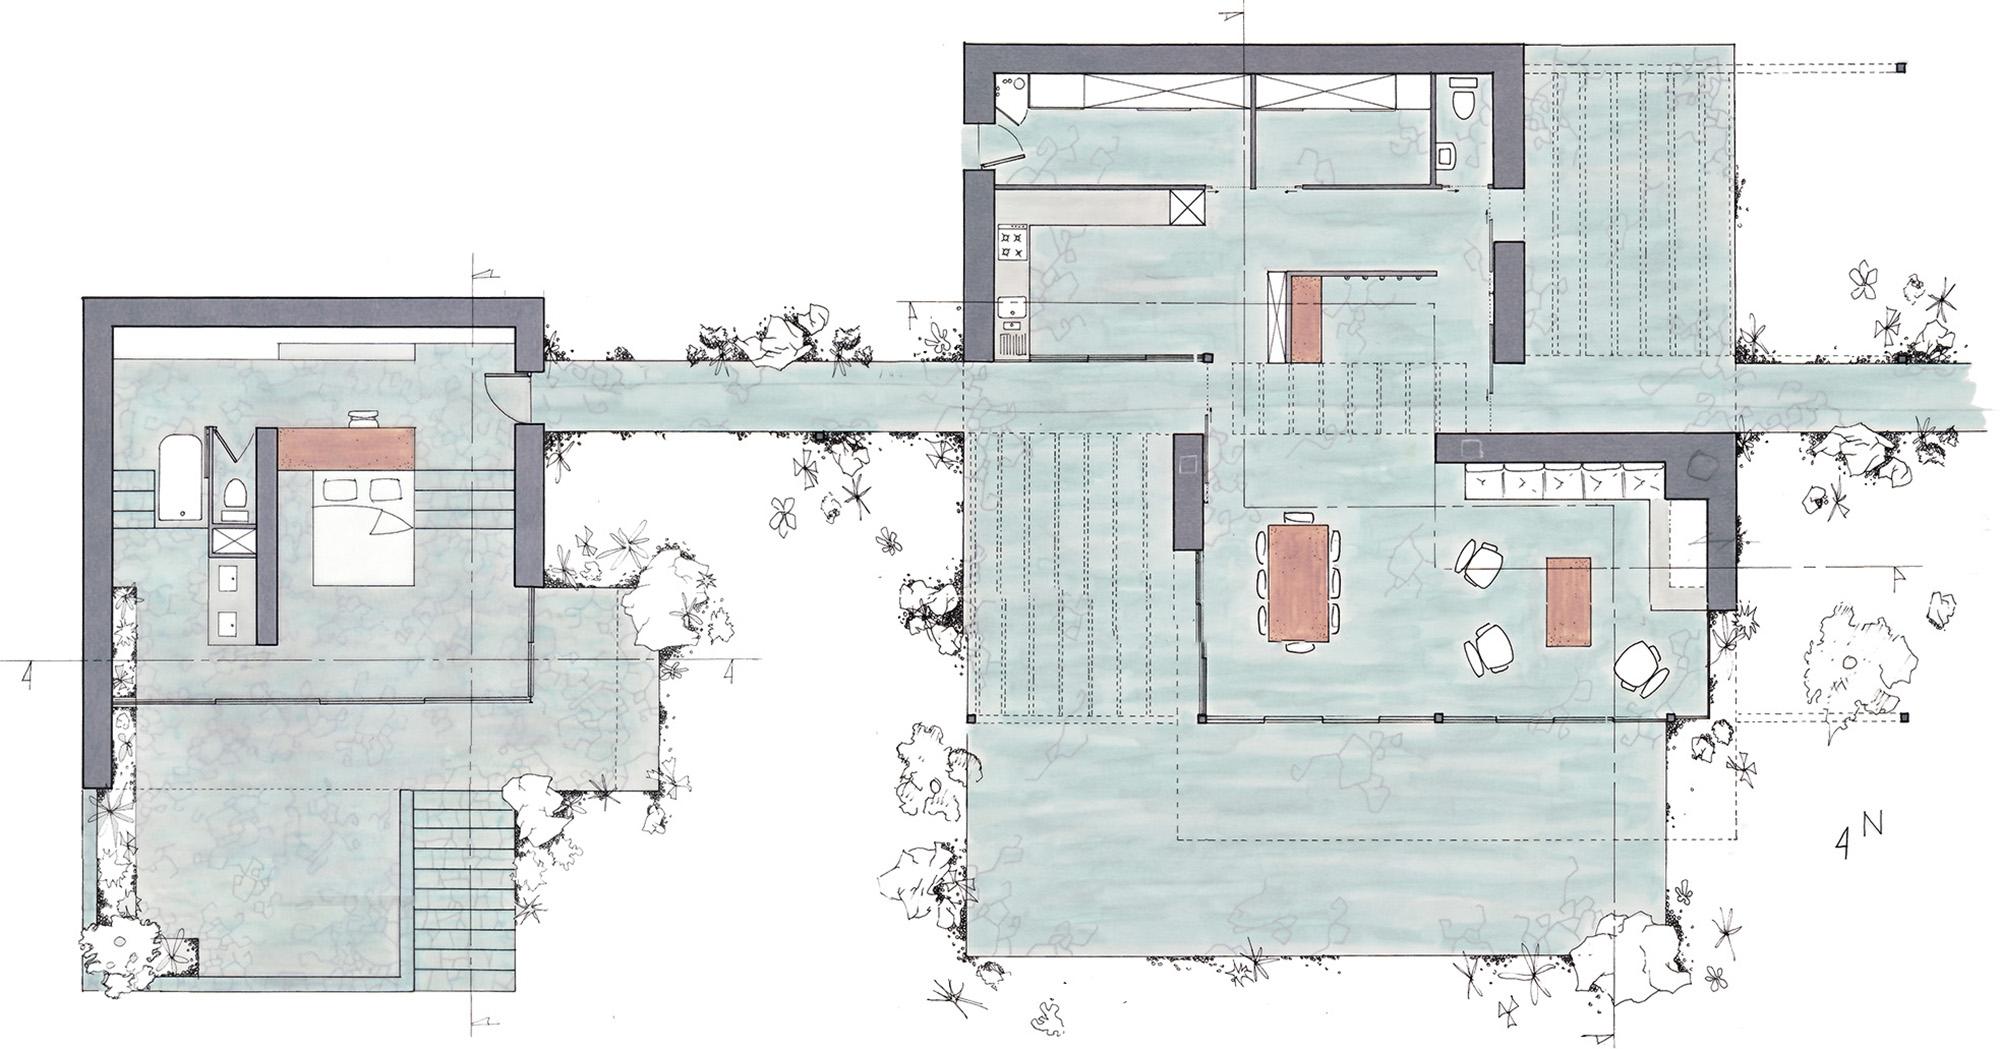 Plan de maison traditionnelle japonaise - Idées de travaux